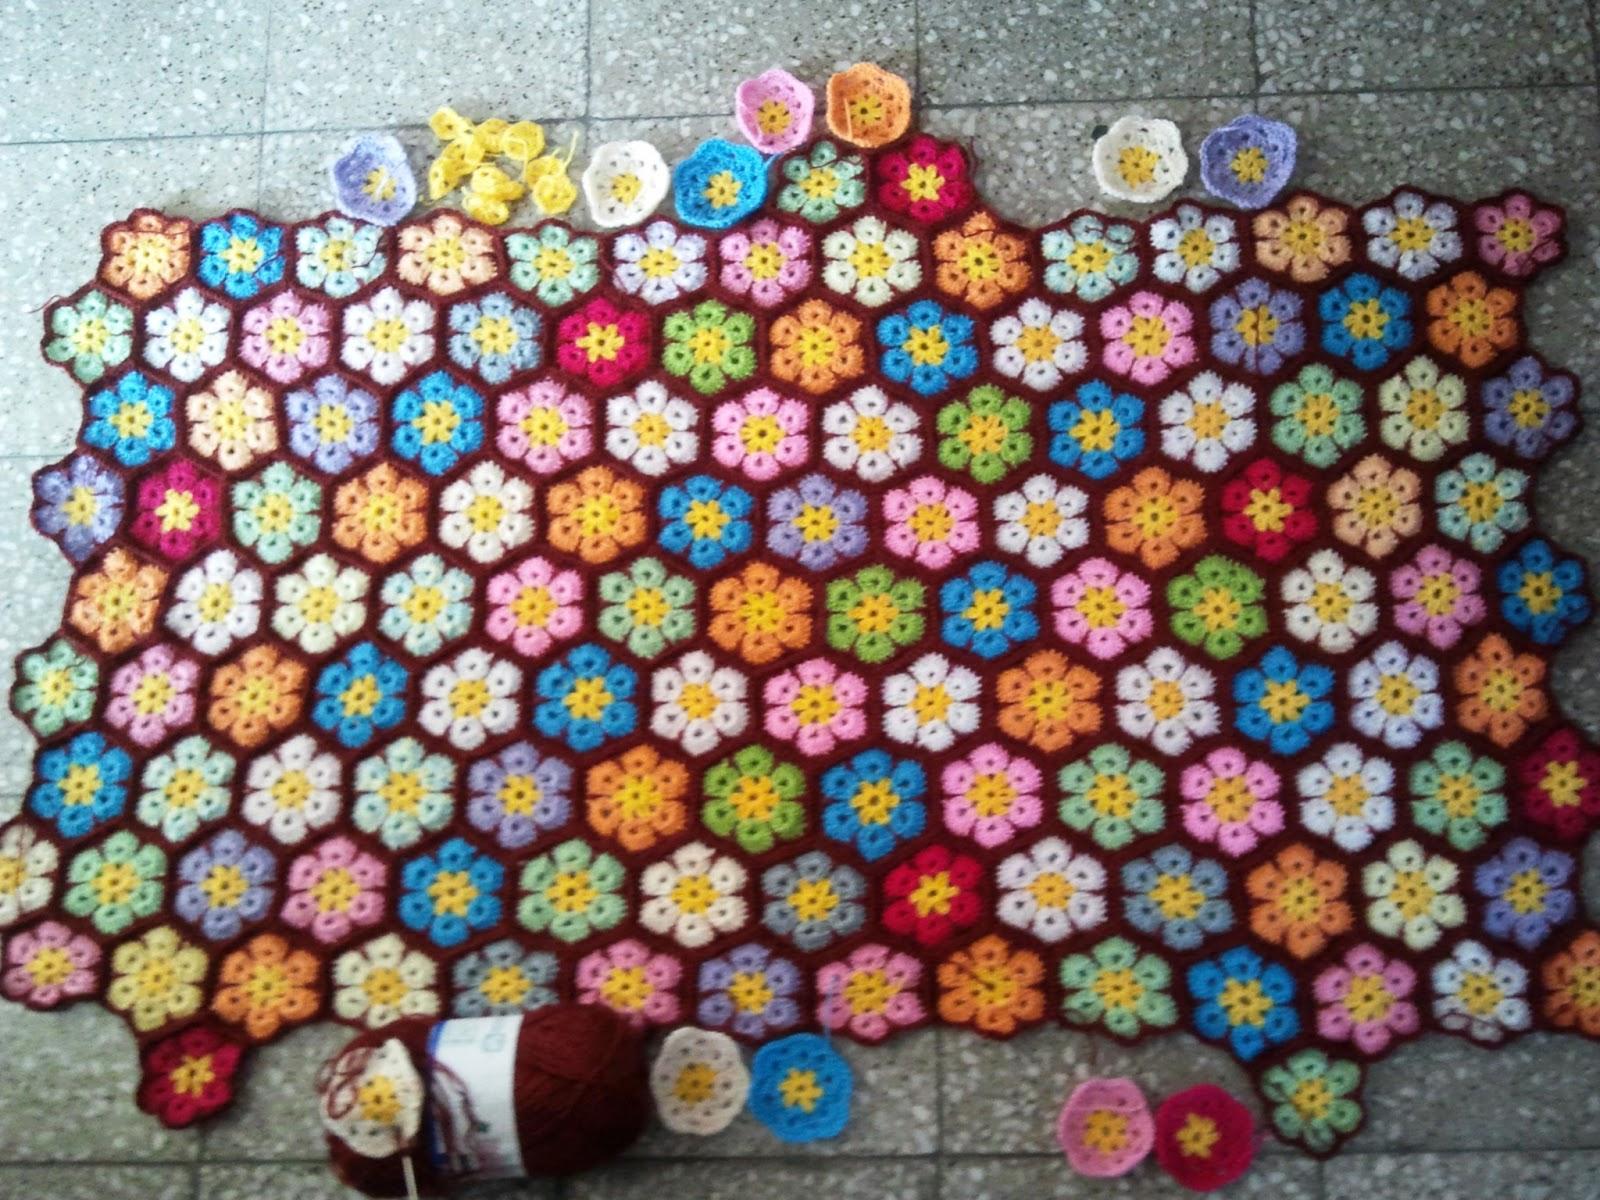 Un espacio para mi reporte de avances mantas crochet - Mantas a crochet ...